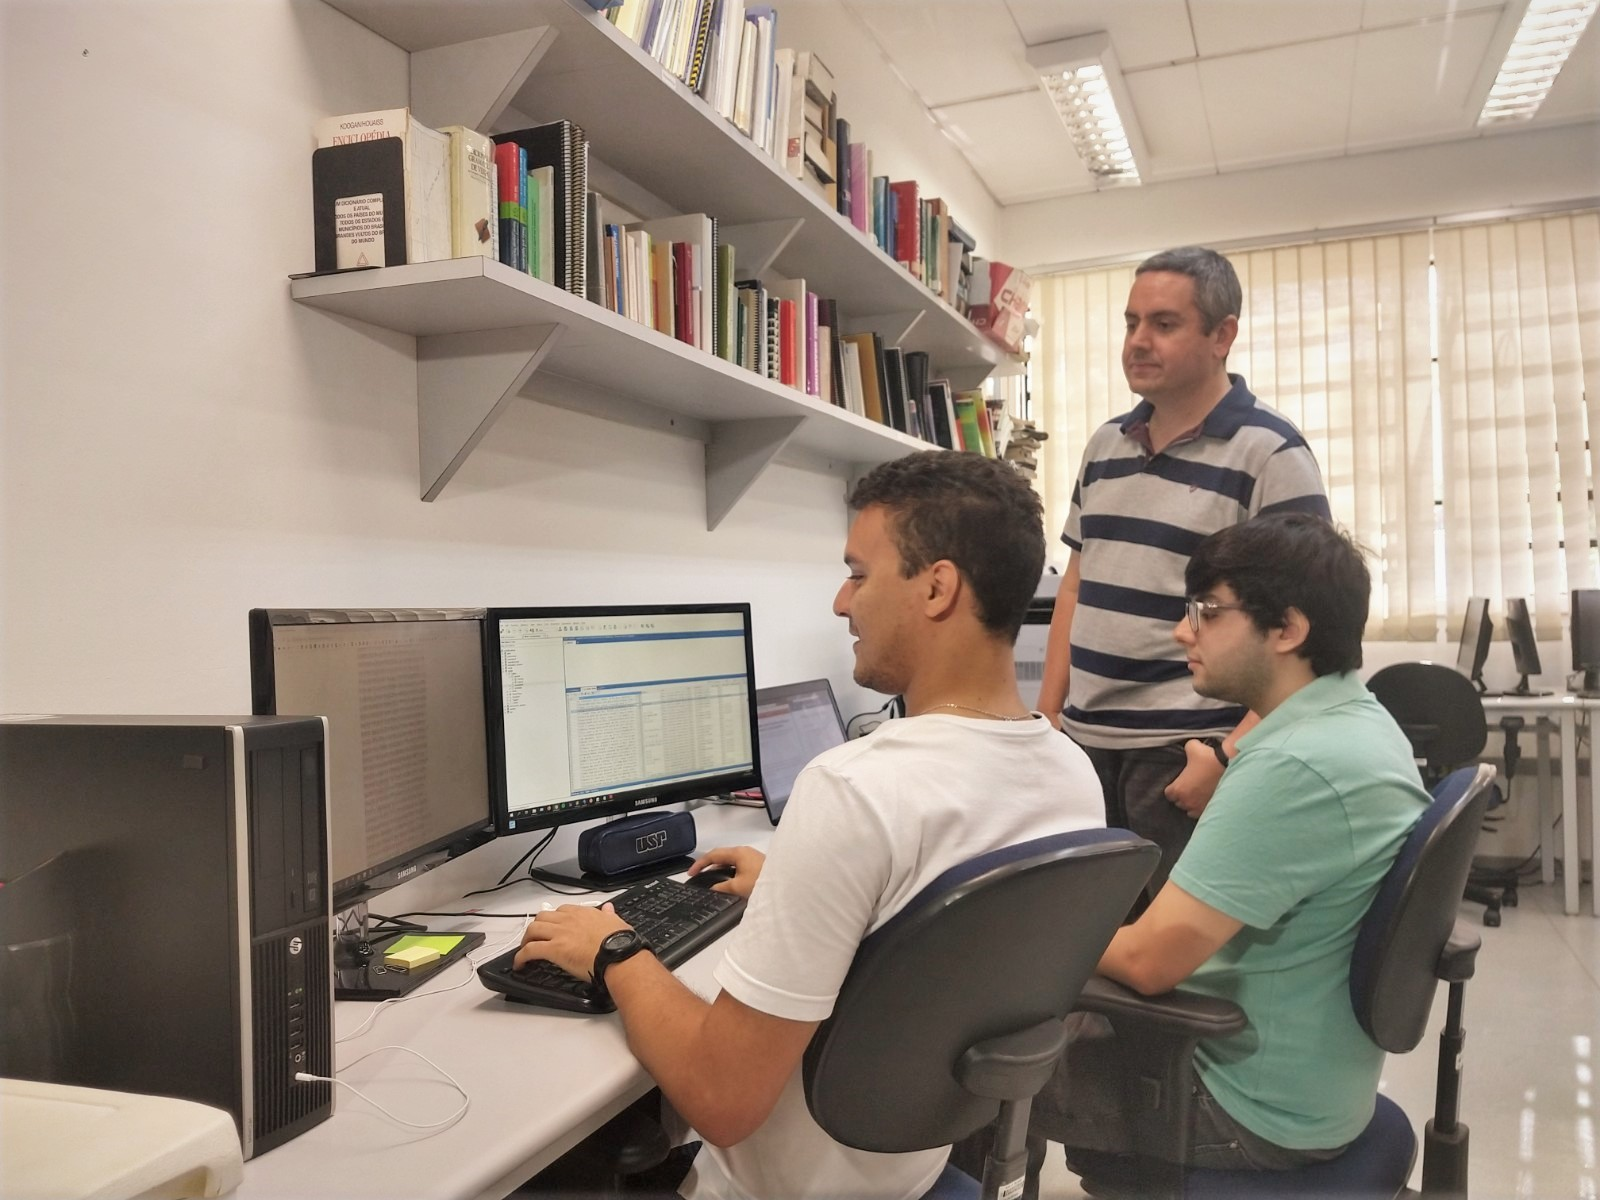 Pesquisadores desenvolvem a ferramenta no laboratório do NILC (Núcleo Interinstitucional de Linguística Computacional) (Foto: Denise Casatti – Assessoria de Comunicação do ICMC/USP)